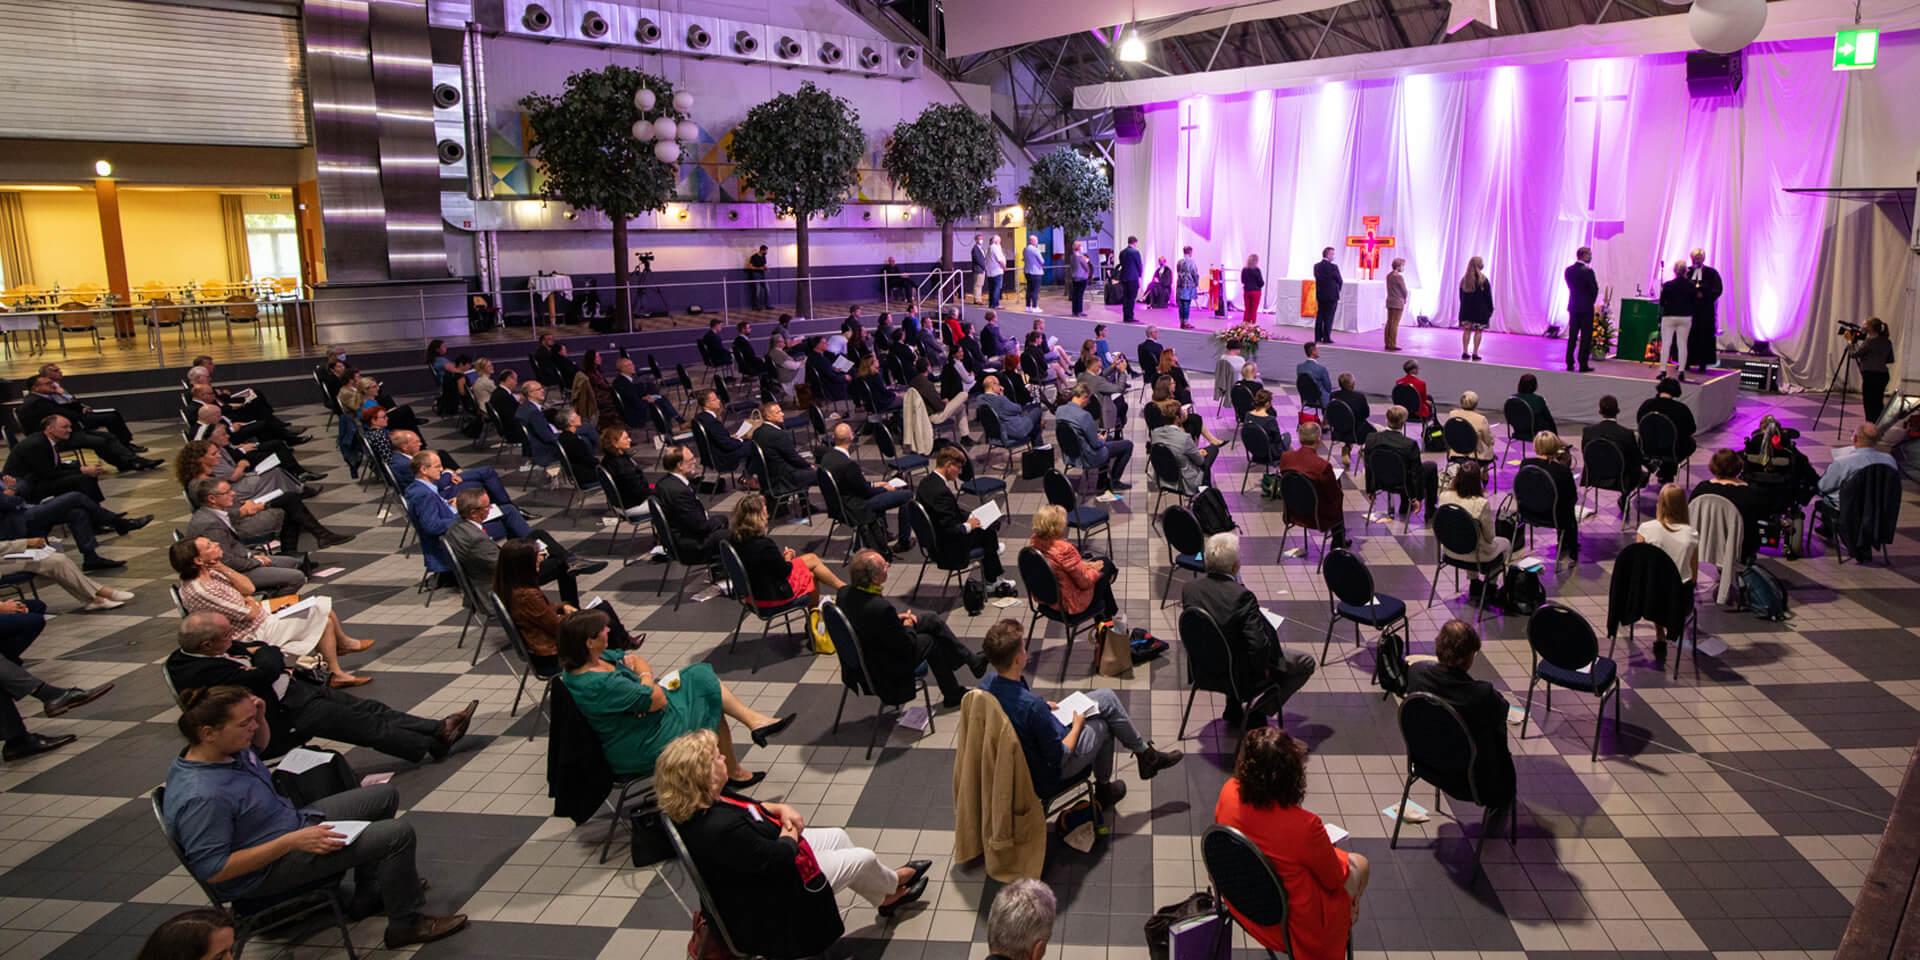 Eröffnungsgottesdienst bei konstituierender Tagung in Geiselwind